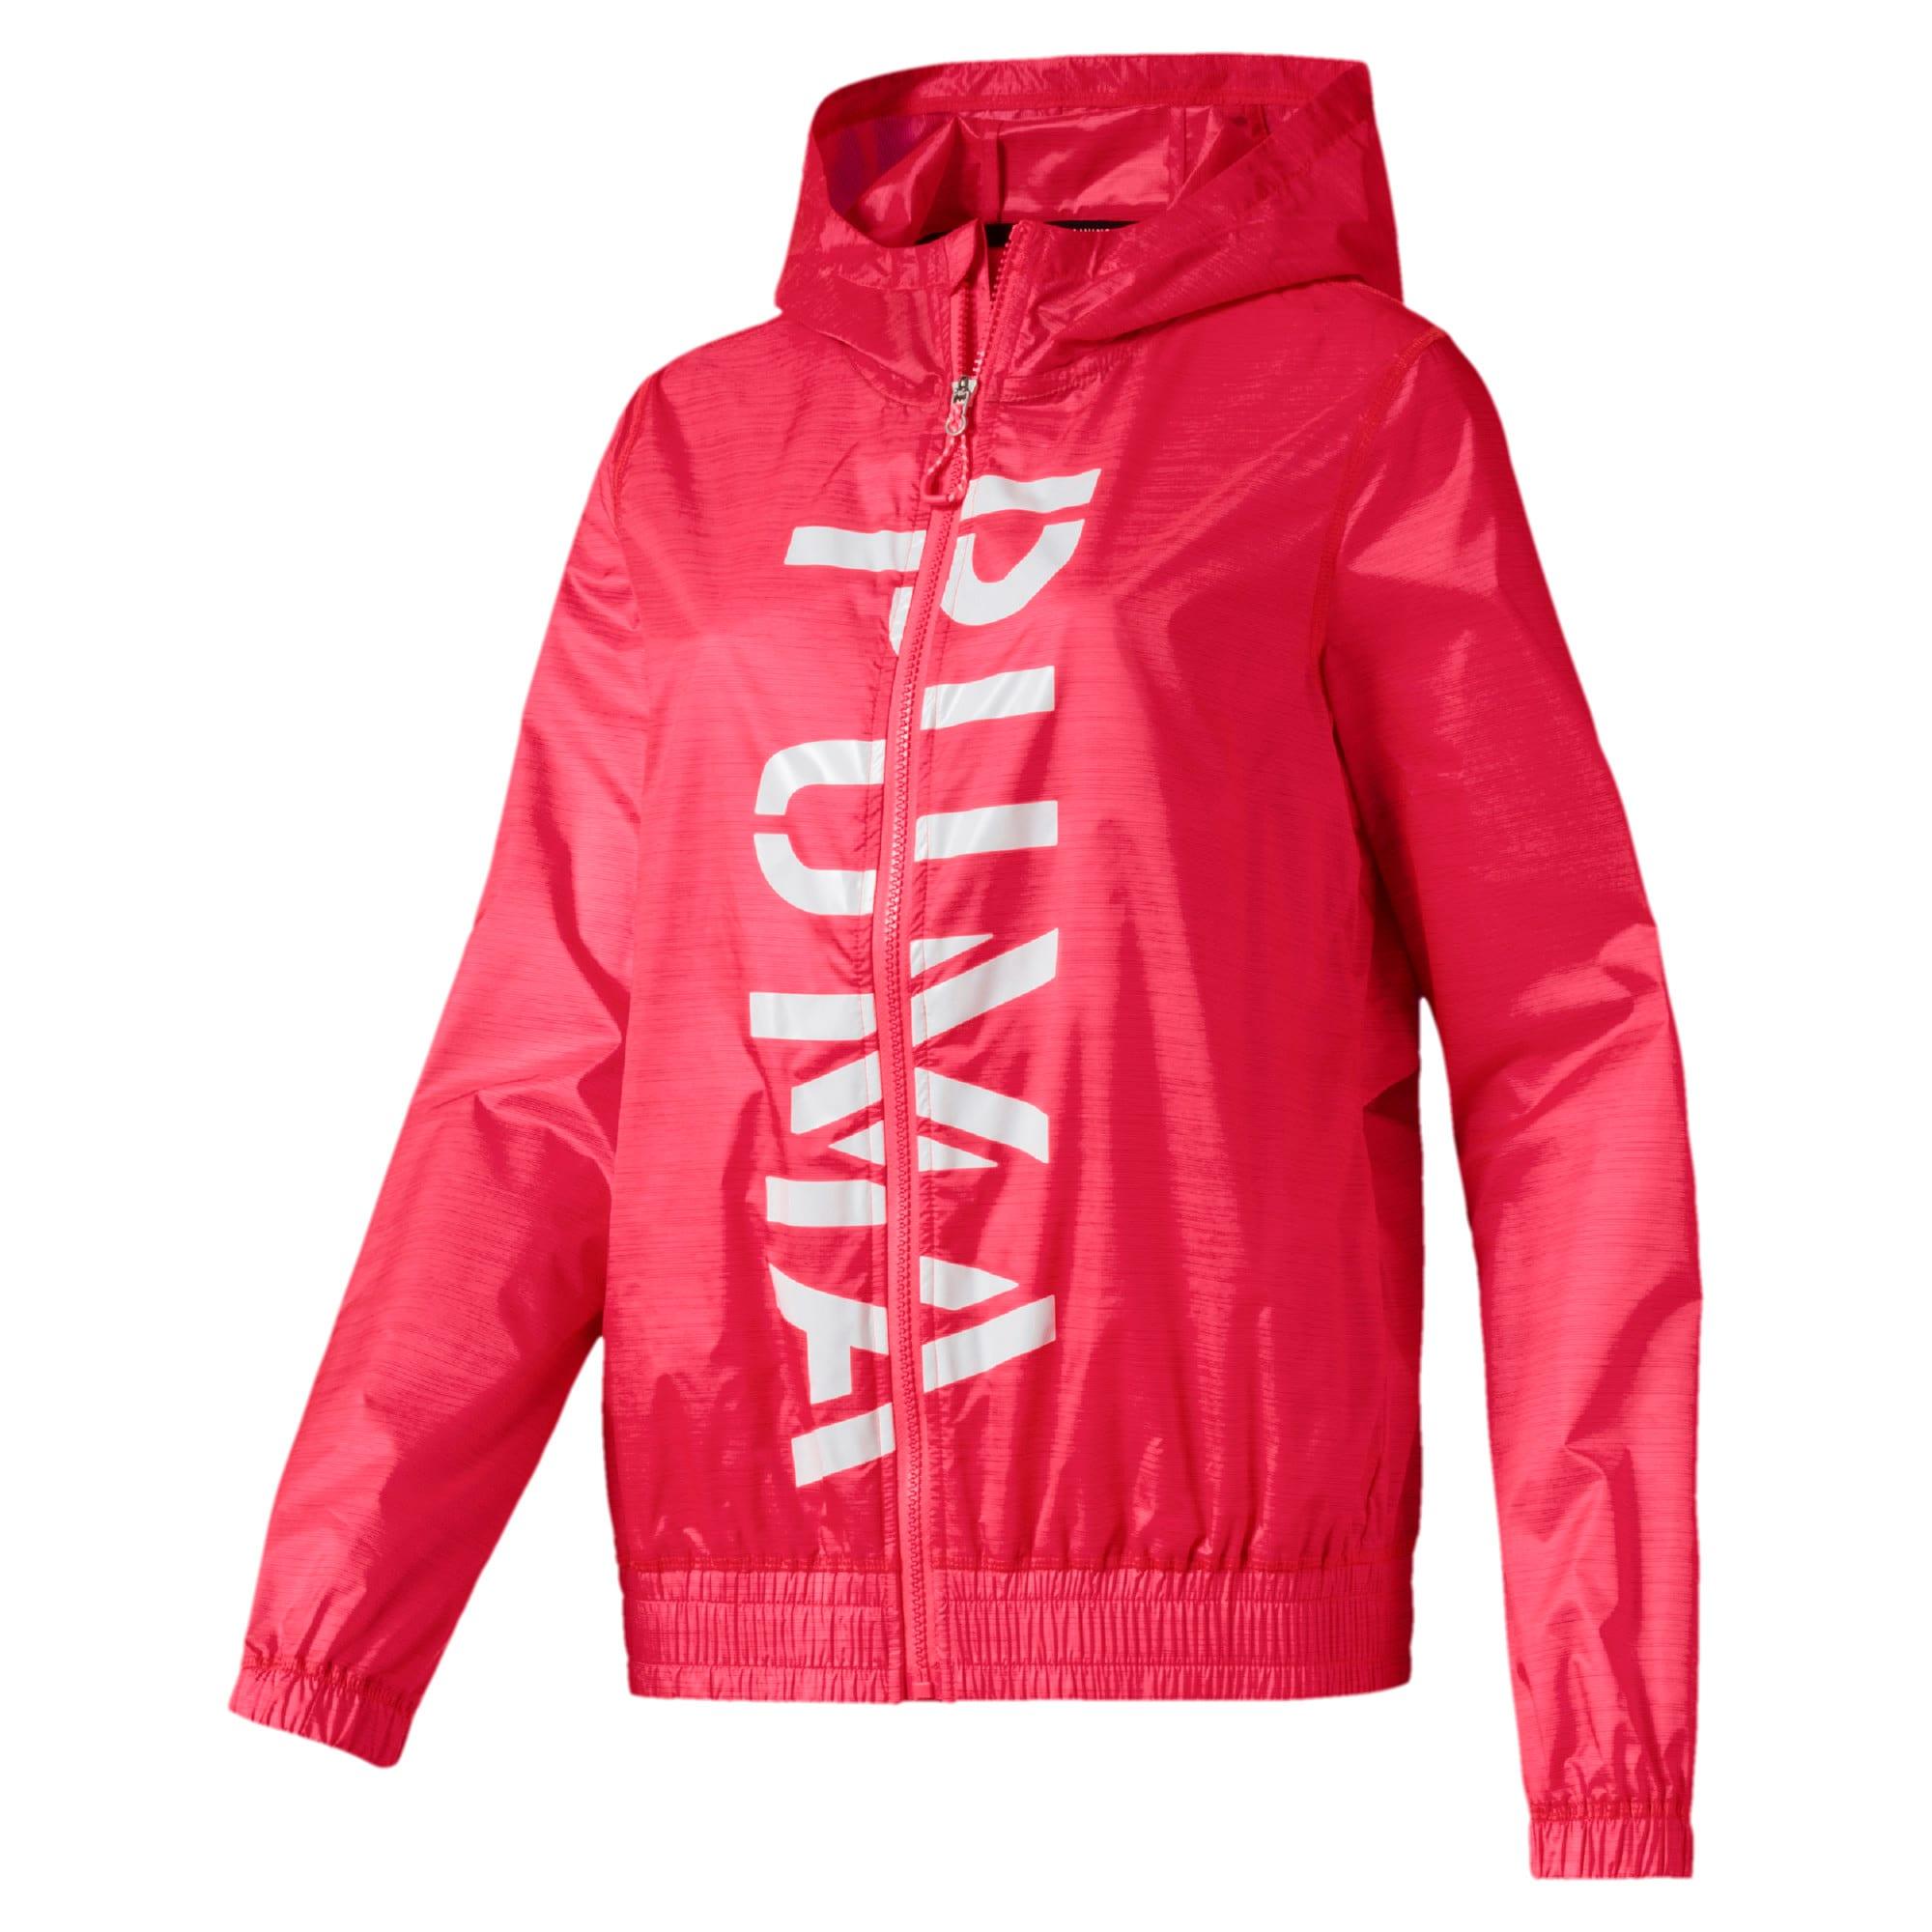 Miniatura 4 de Chaqueta tejida con estampa Be Bold para mujer, Pink Alert, mediano